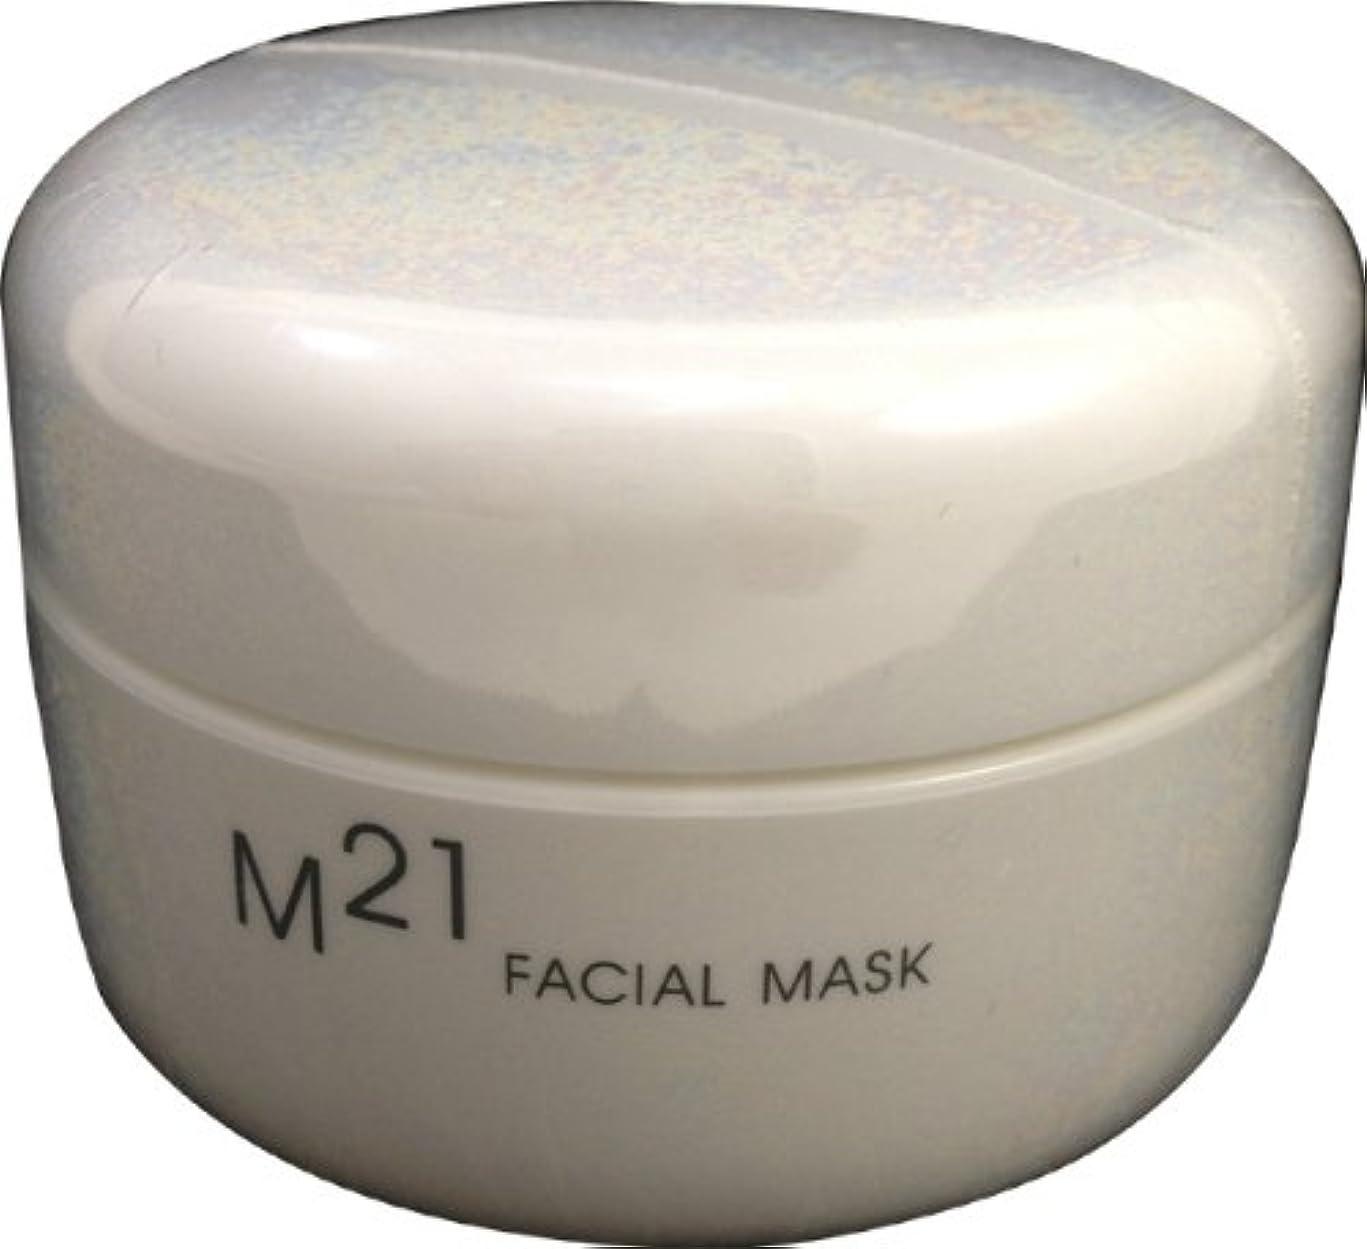 真剣に超える嫌悪M21フェイシャルマスク <パック>自然化粧品M21